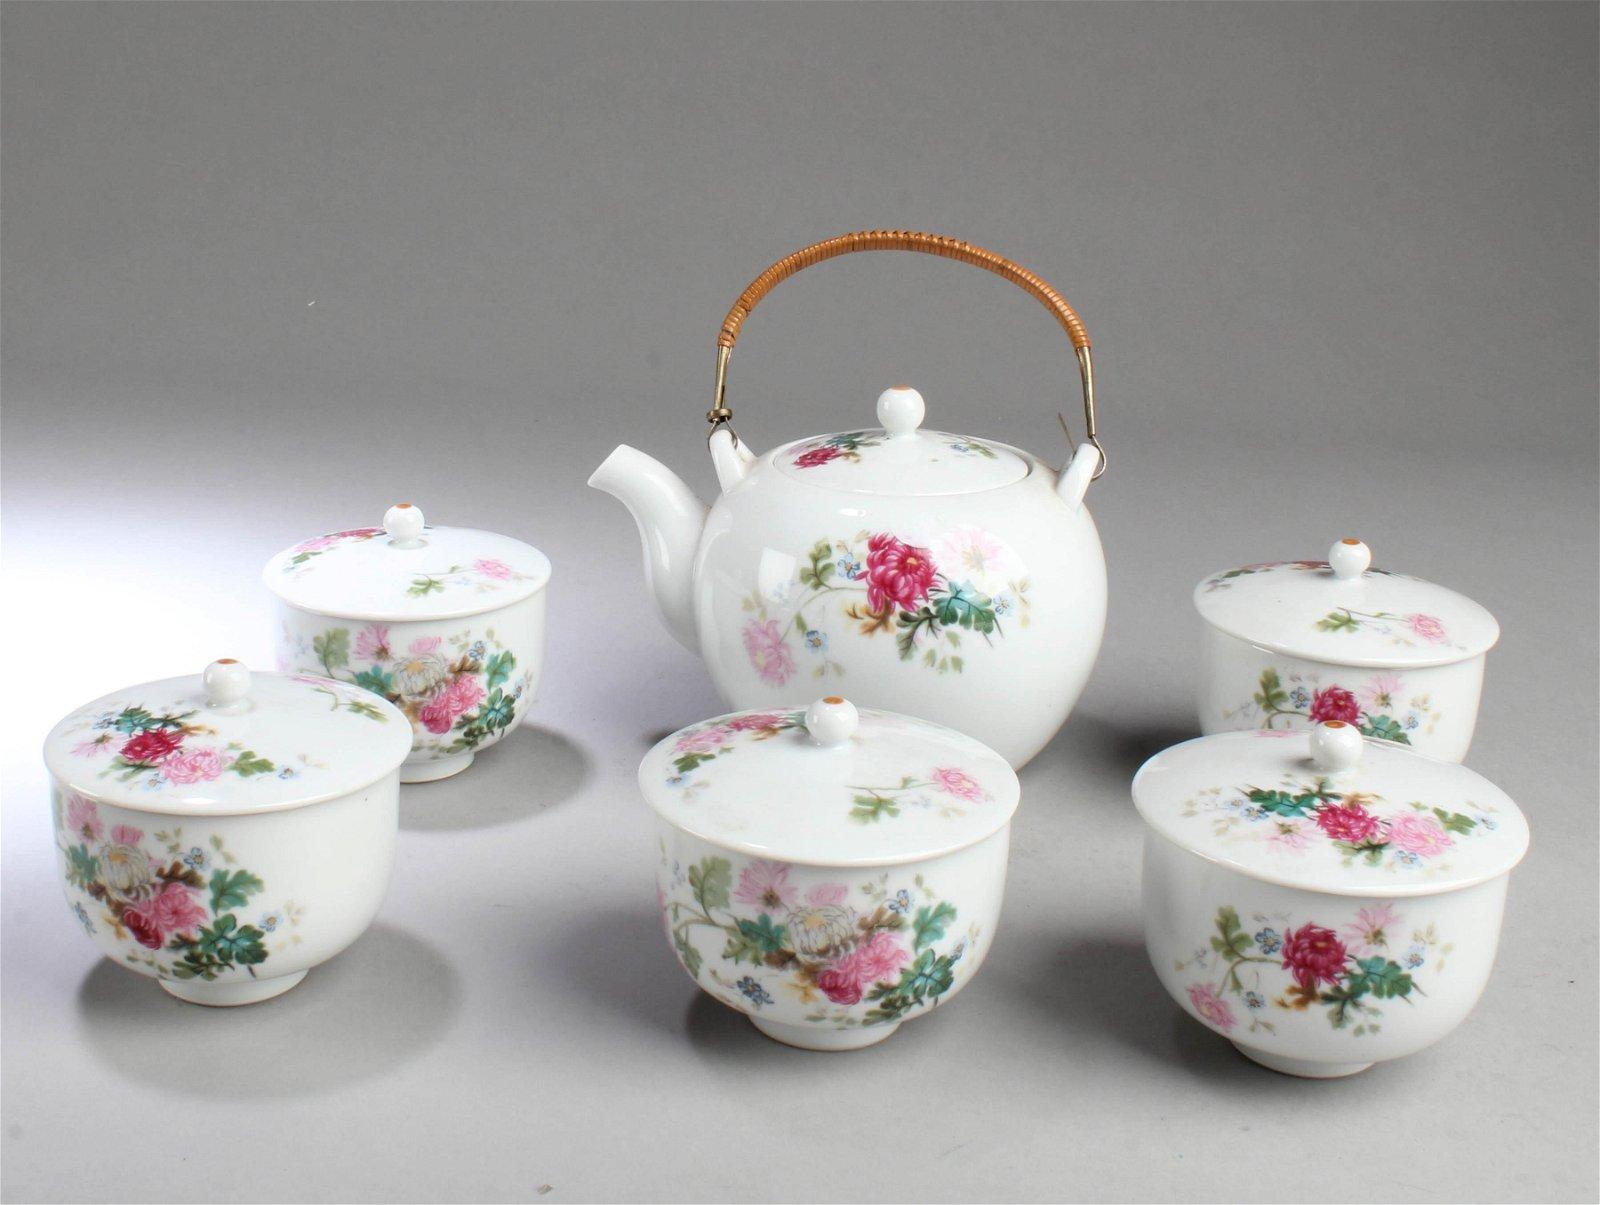 Antique Porcelain Teapot & Five Cups